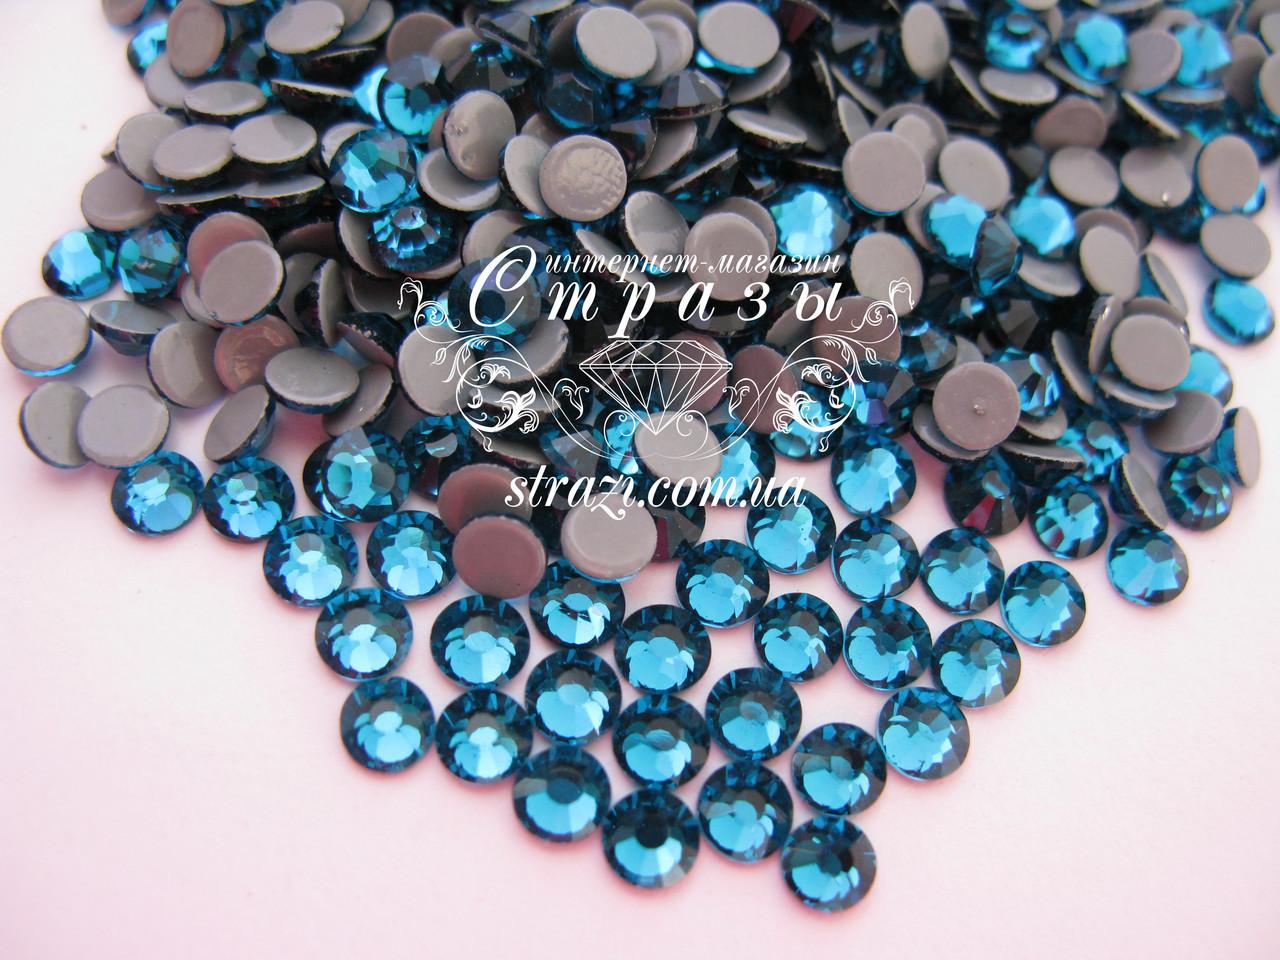 Термо стразы Lux ss16 Blue Zircon (4.0mm) 100шт